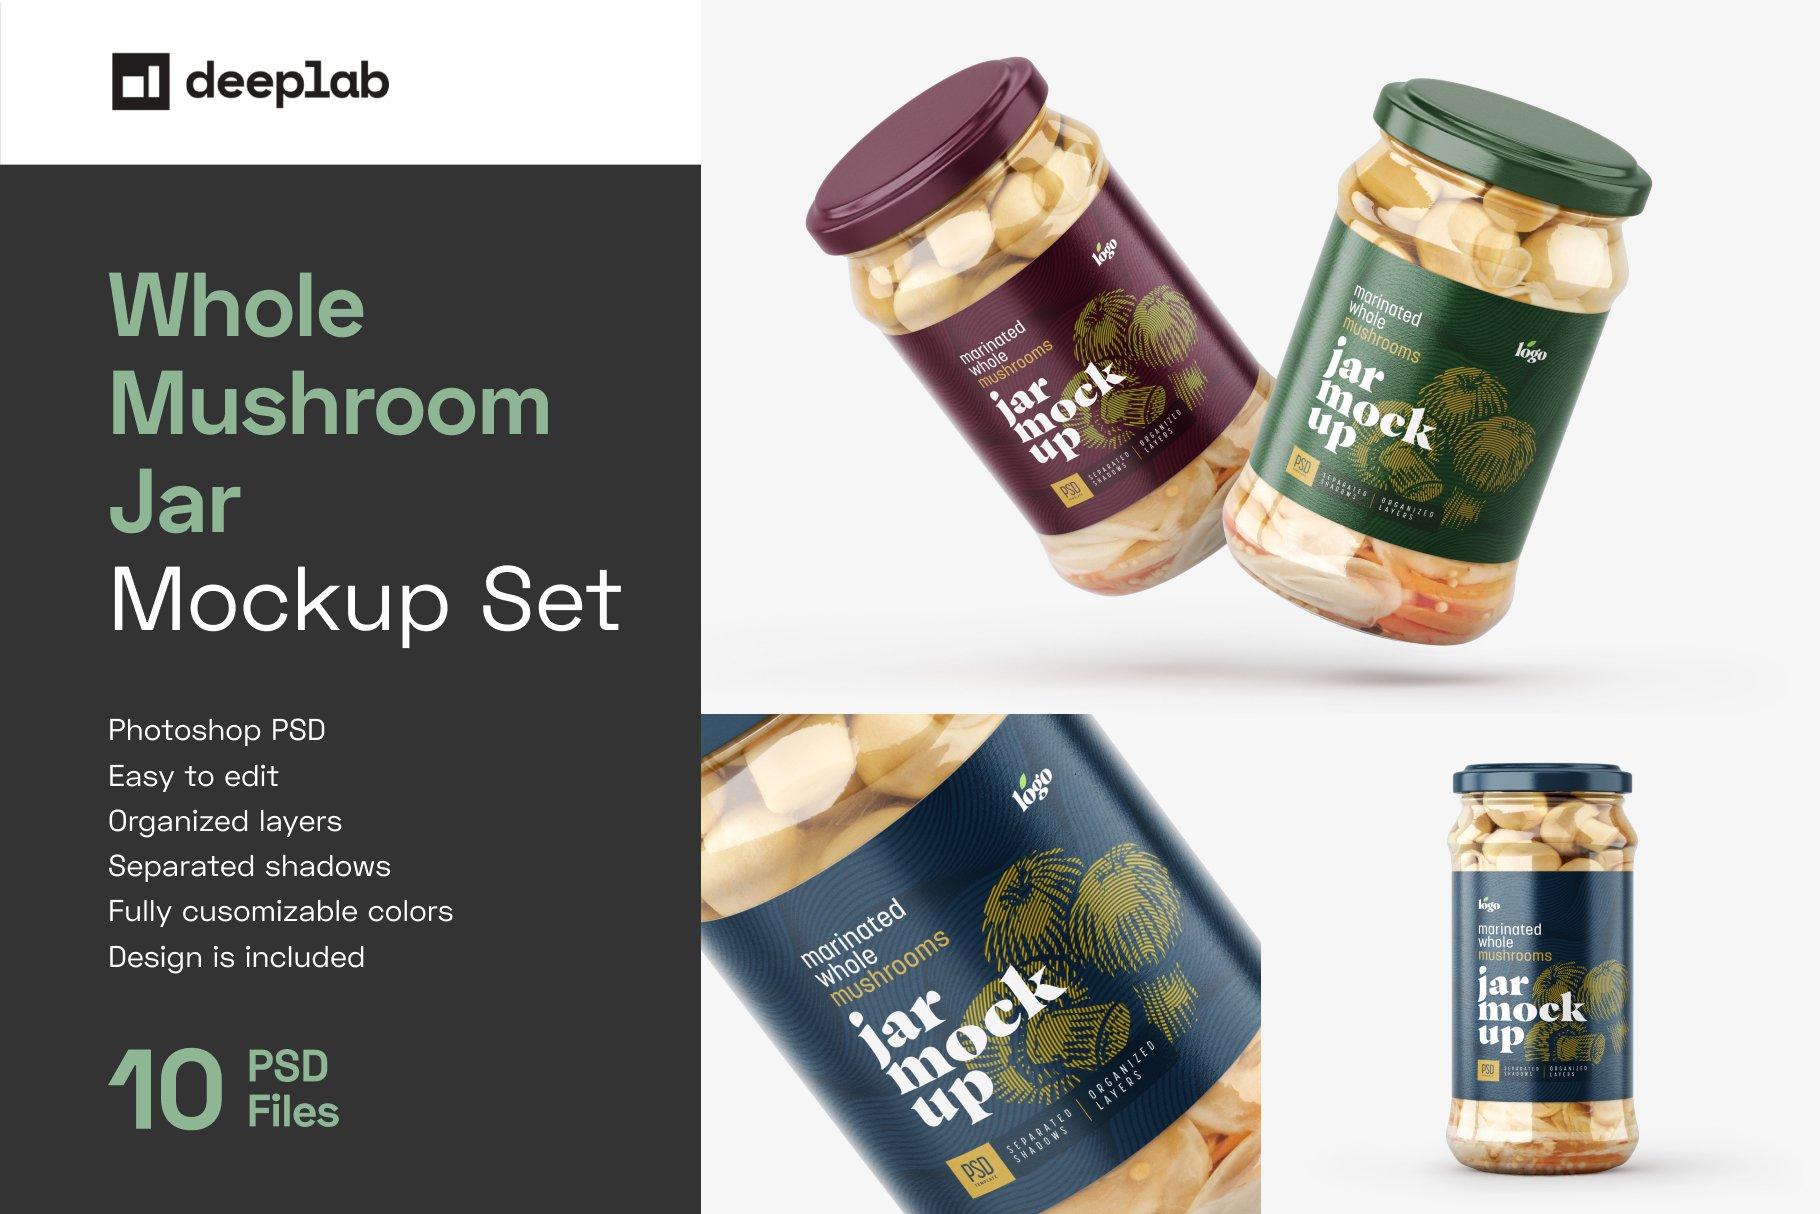 10款新潮蘑菇果酱水果罐头玻璃瓶标签设计展示样机合集 Whole Mushroom Jar Mockup Set插图